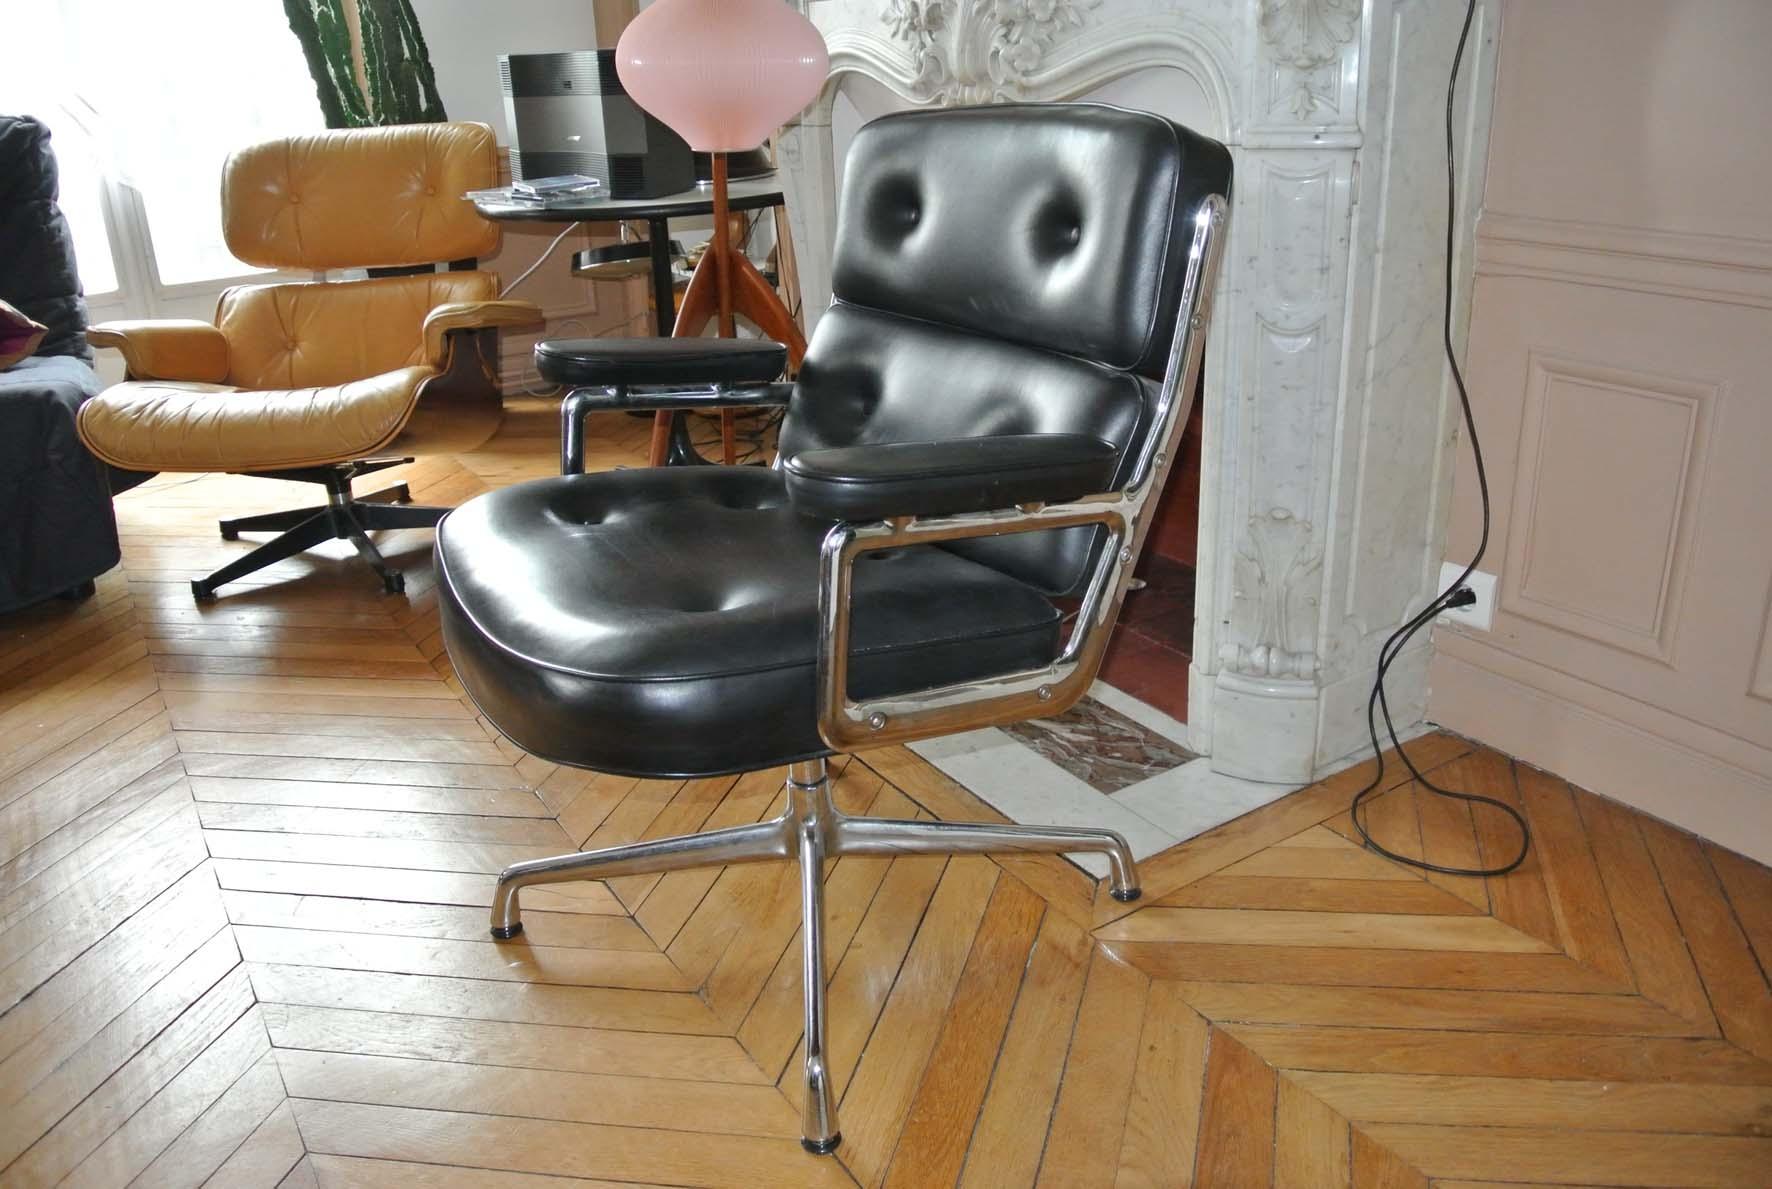 fauteuil eames lobby chair l 39 atelier 50 boutique vintage achat et vente mobilier vintage. Black Bedroom Furniture Sets. Home Design Ideas